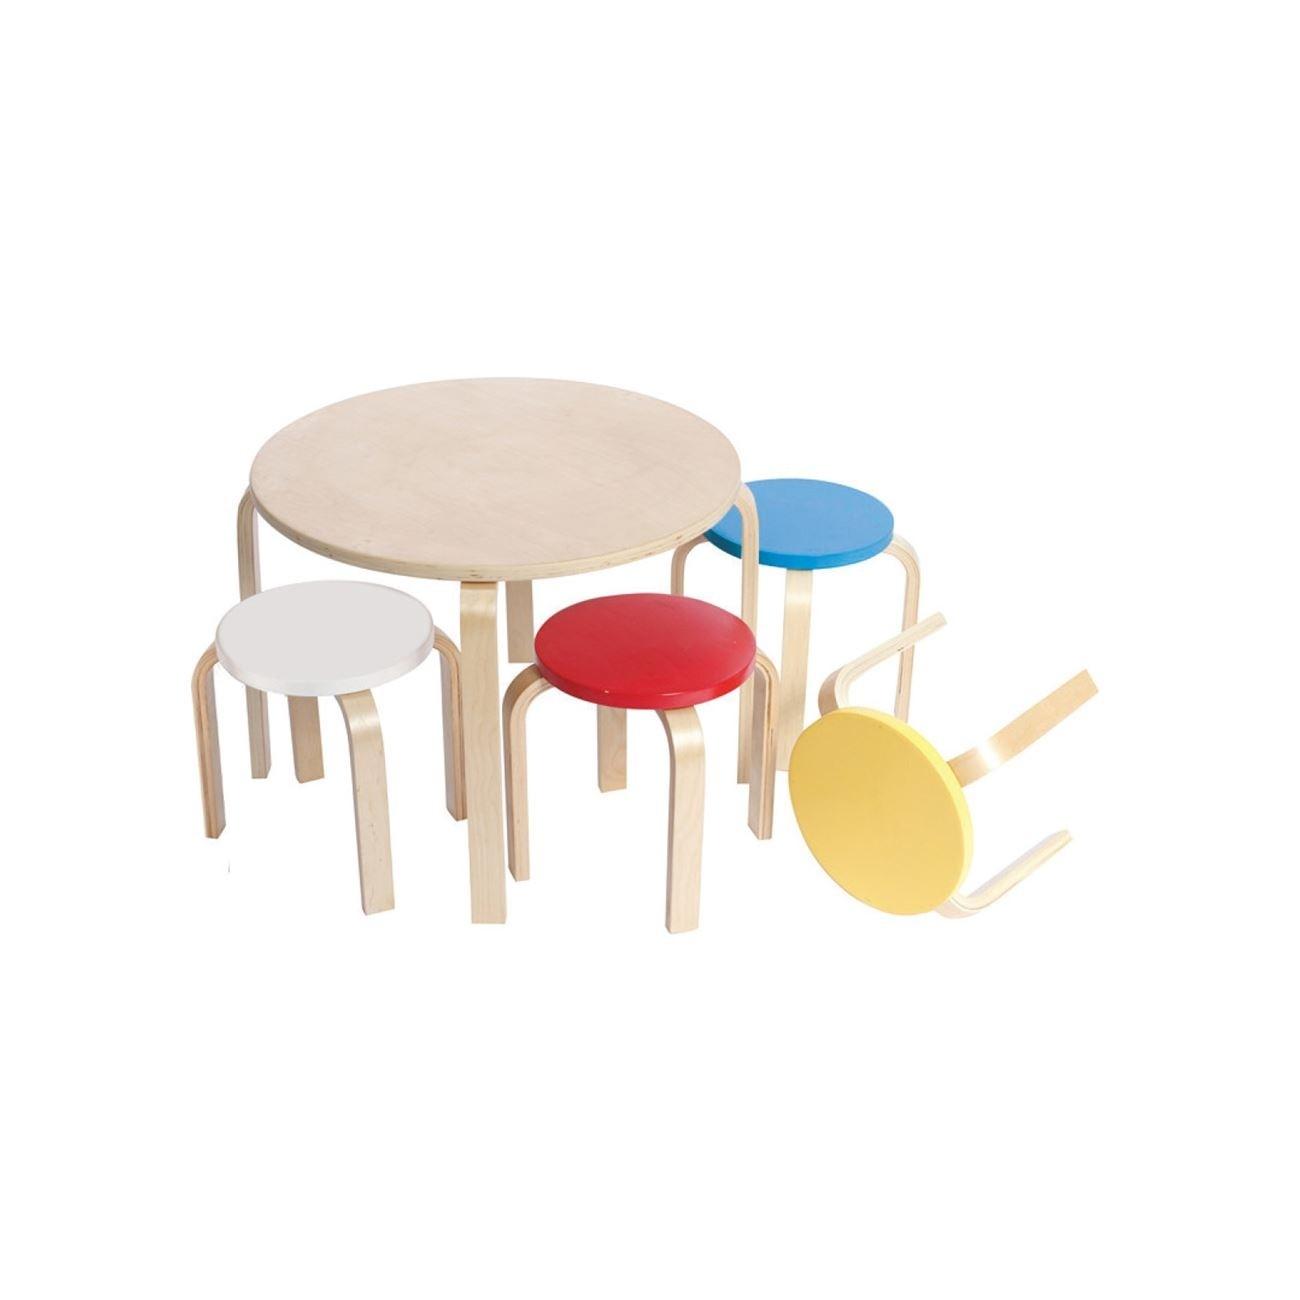 Παιδικό σετ Ξύλινο τραπέζι και 4 σκαμπό Πολύχρωμο E7203,S